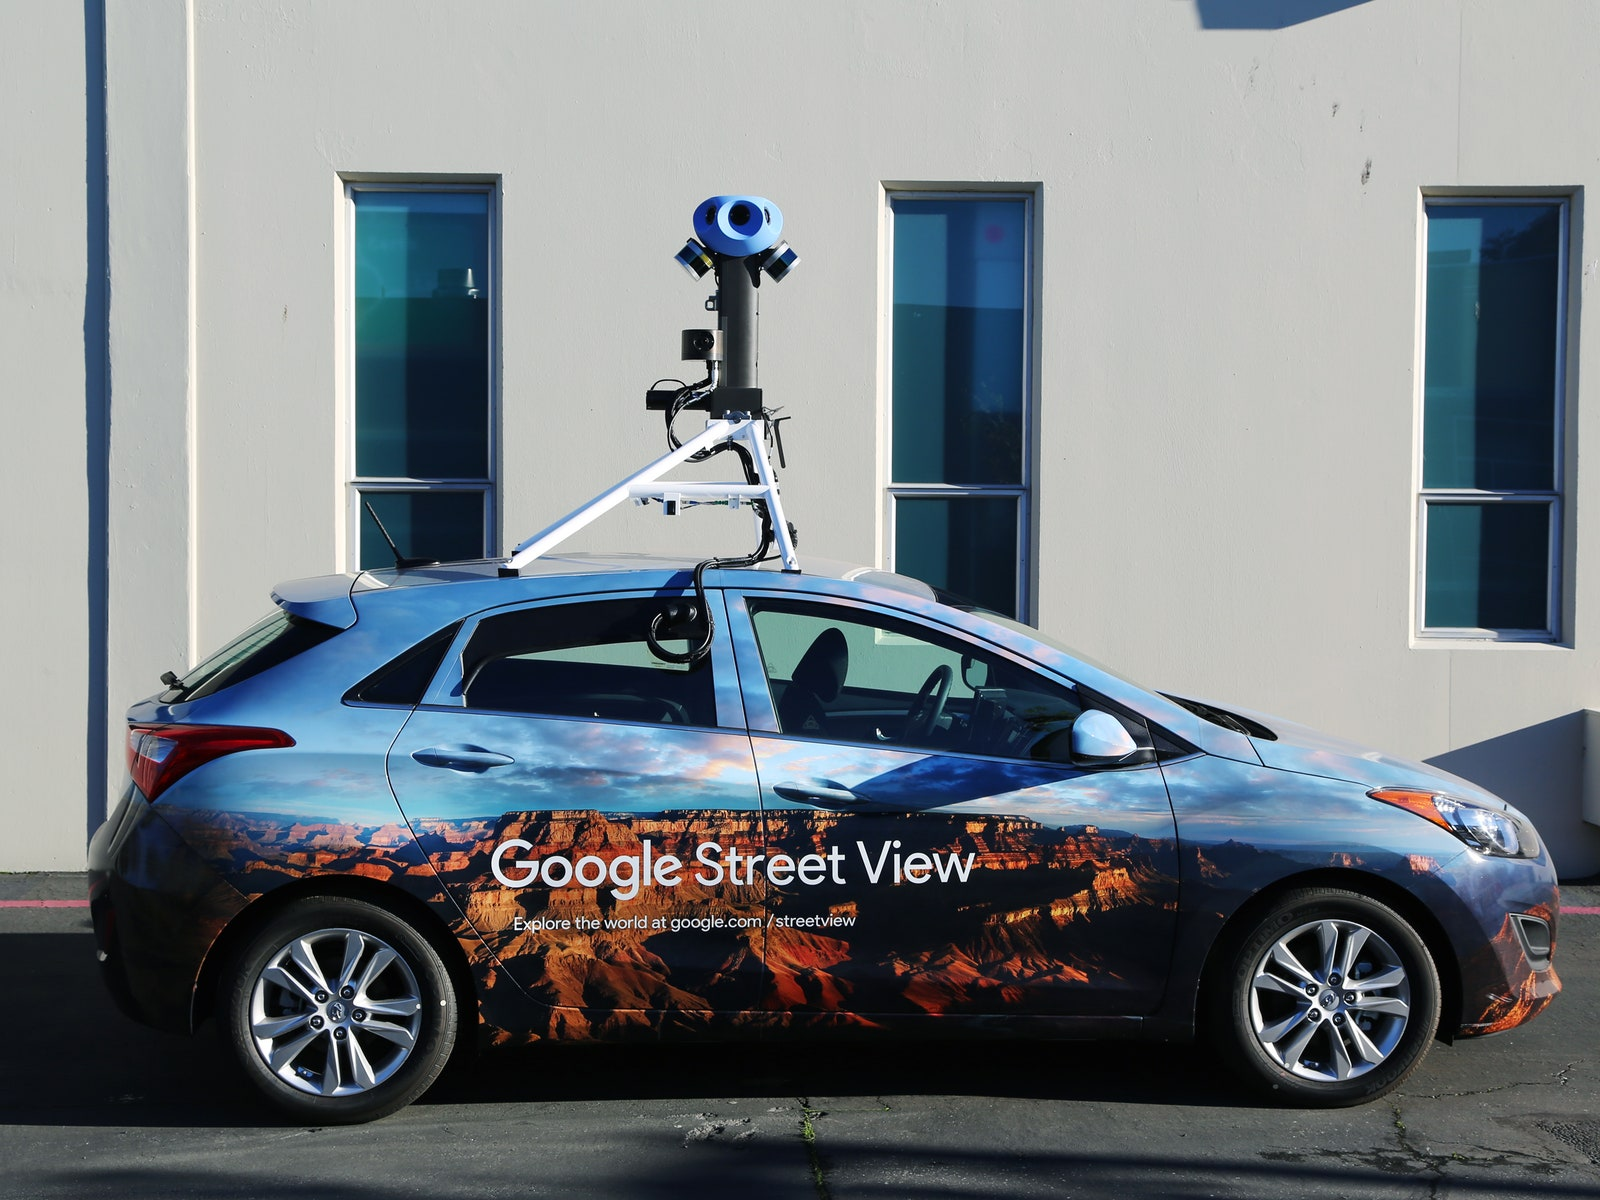 Voici la dernière version de la Google Car, avec la nouvelle version de sa caméra. Crédits Google.